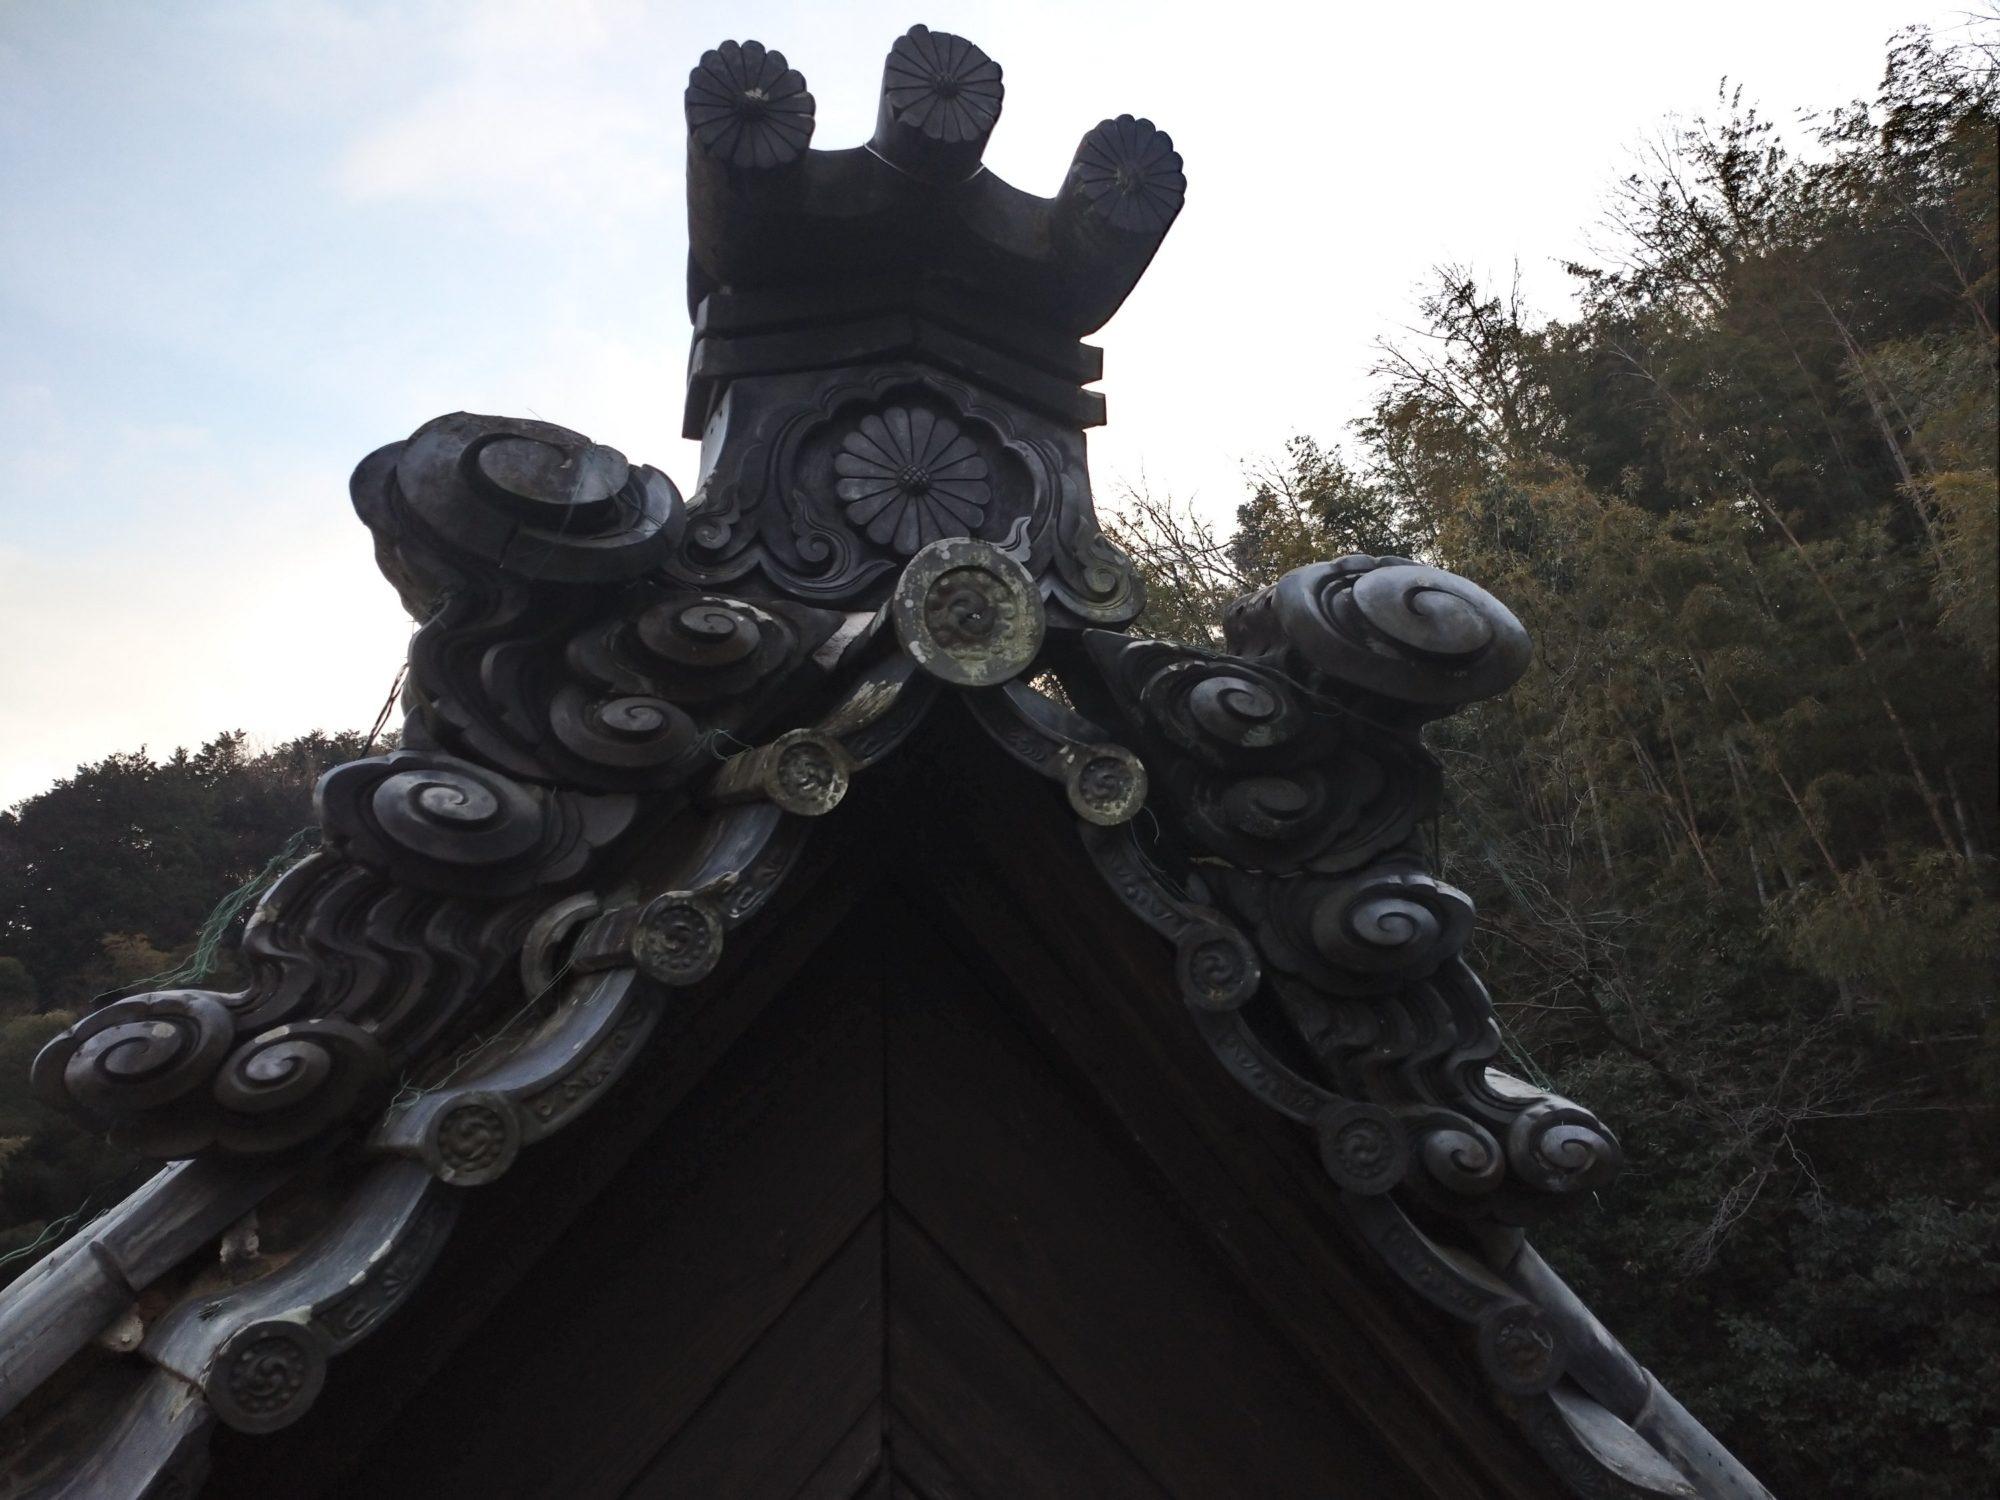 岐阜市のお寺で、現場調査をしています。